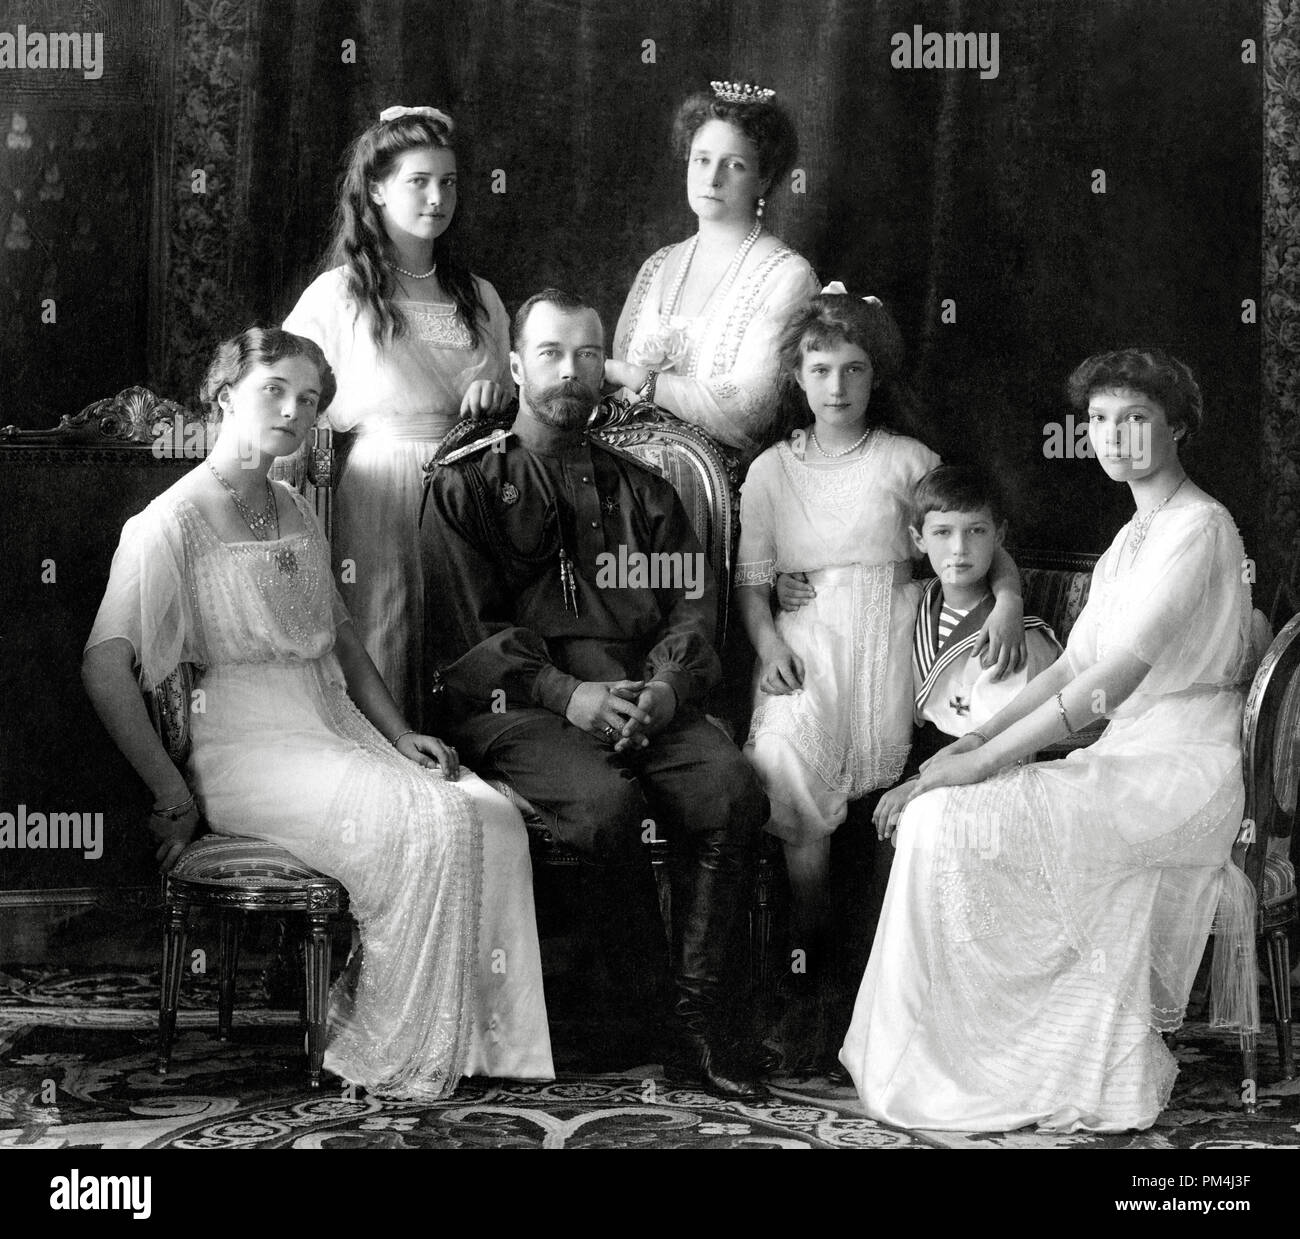 Emperor Nicholas II of Russia with the family (left to right): Olga, Maria, Nicholas II, Alexandra Fyodorovna, Anastasia, Alexei, and Tatiana. Livadiya, 1913. Portrait by the Levitsky Studio, Livadiya.  File Reference # 1003_498THA - Stock Image